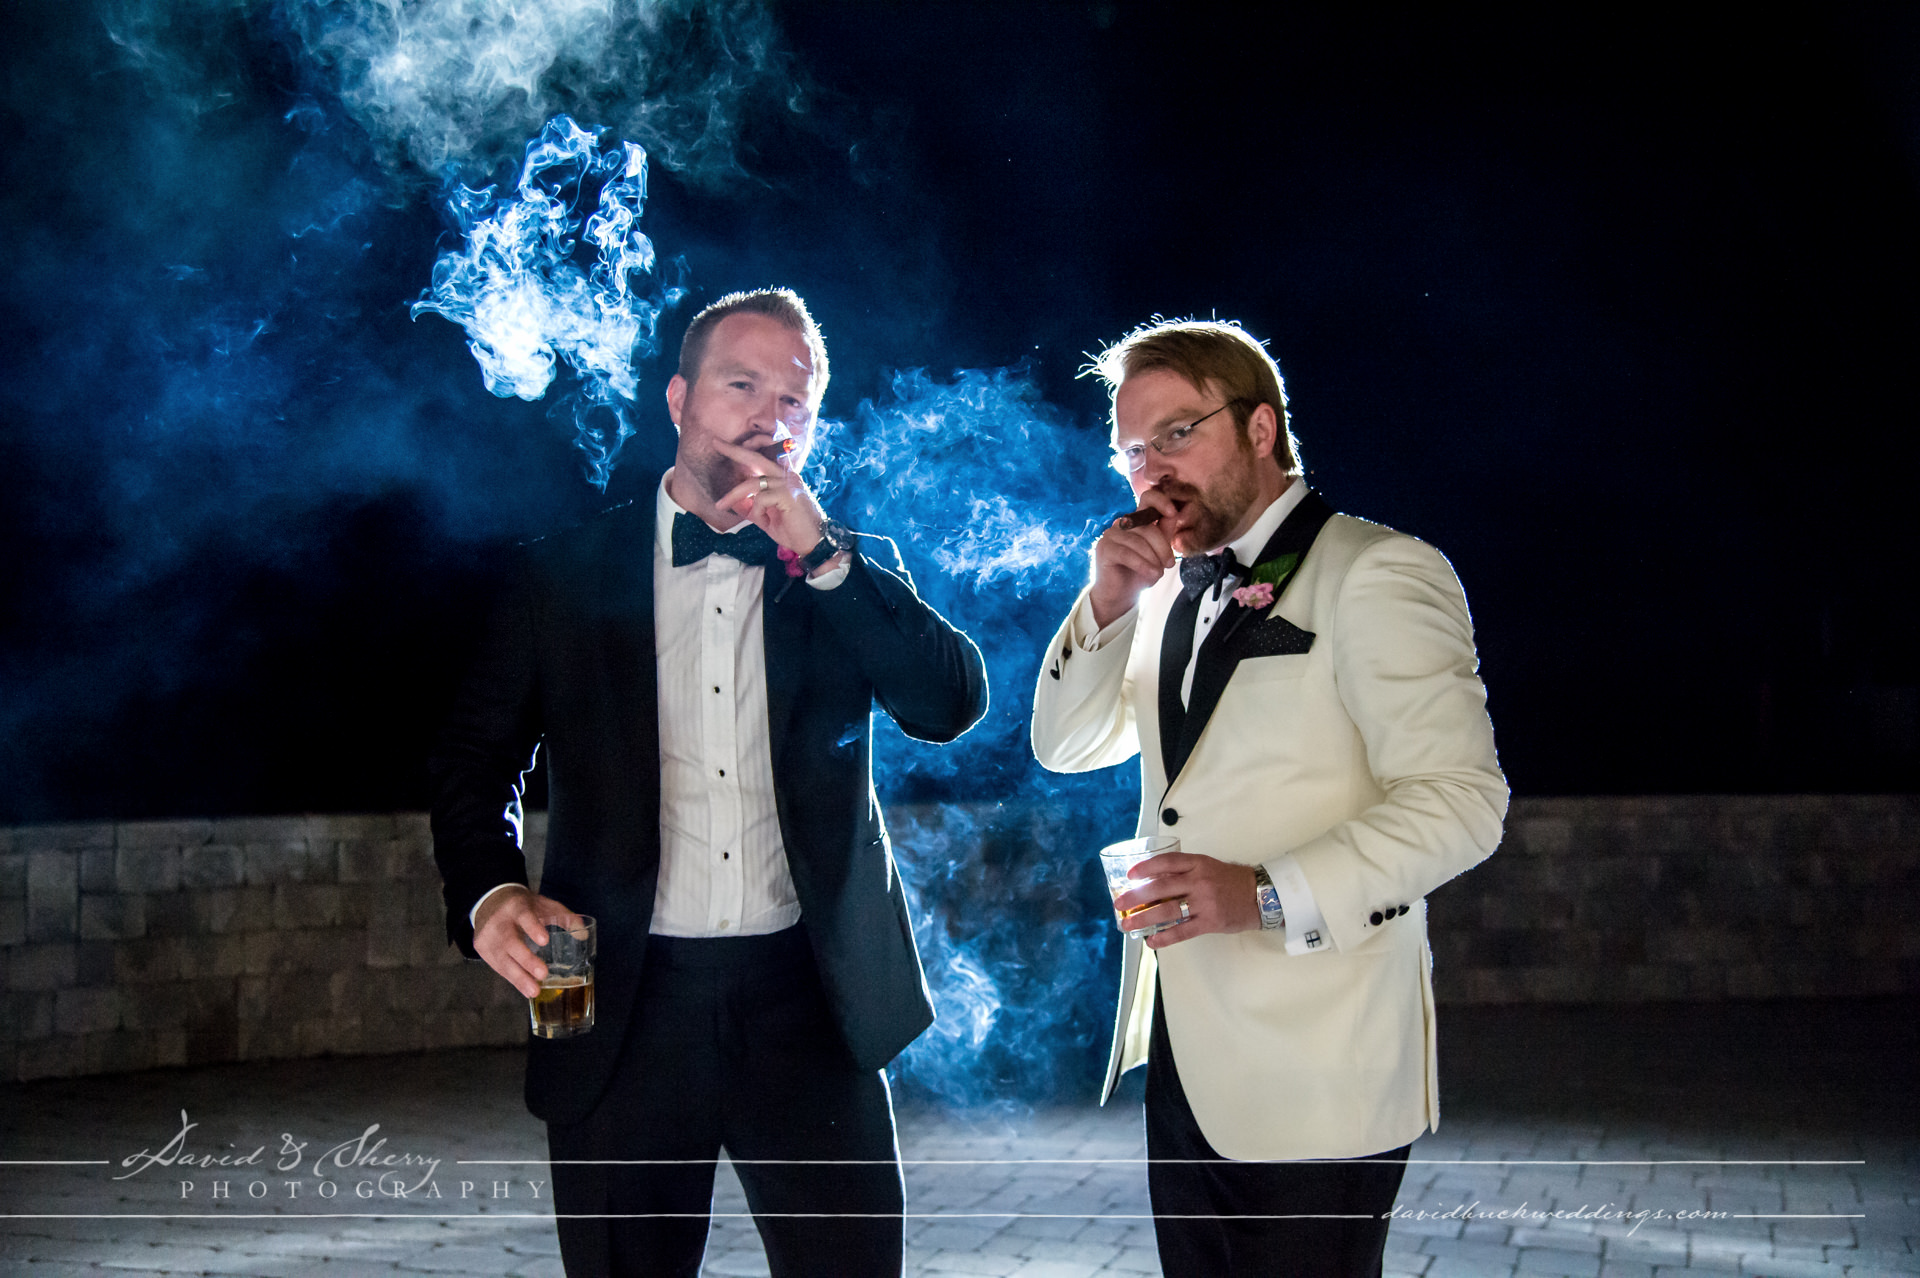 Craigleith_Ski_Club_Wedding_042